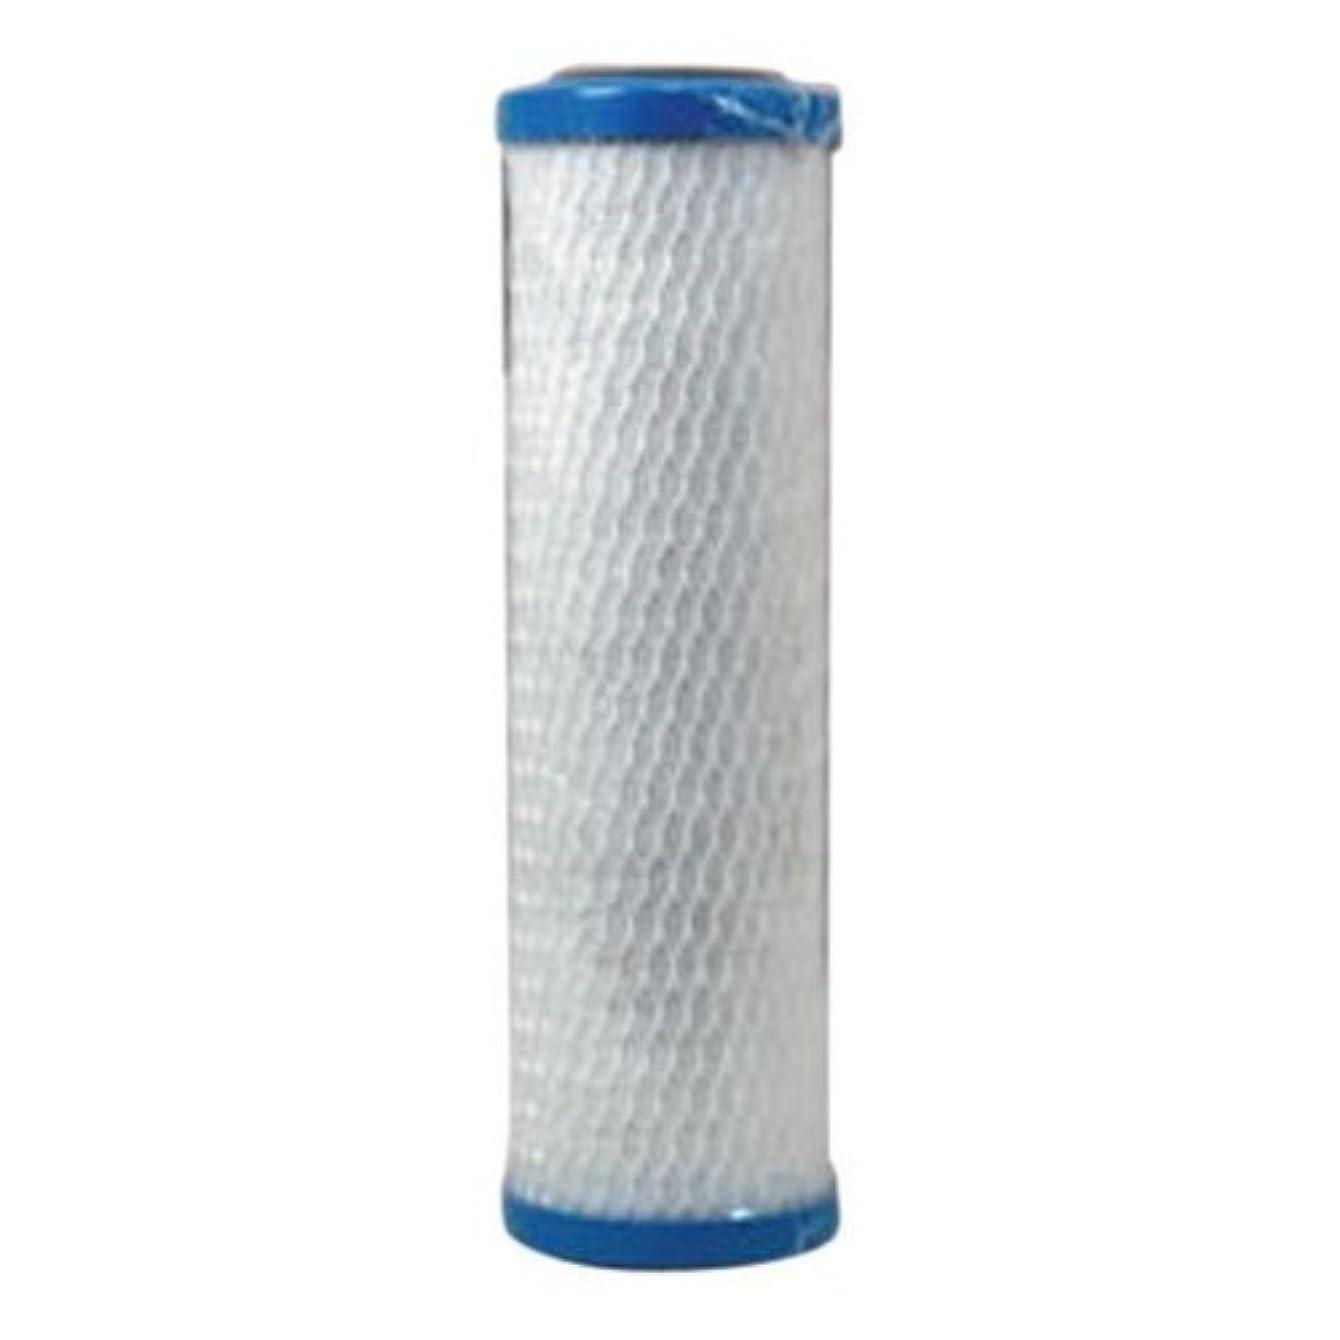 Watts MAXVOC-975 0.5 micron 20,000 gallons filtering capacity